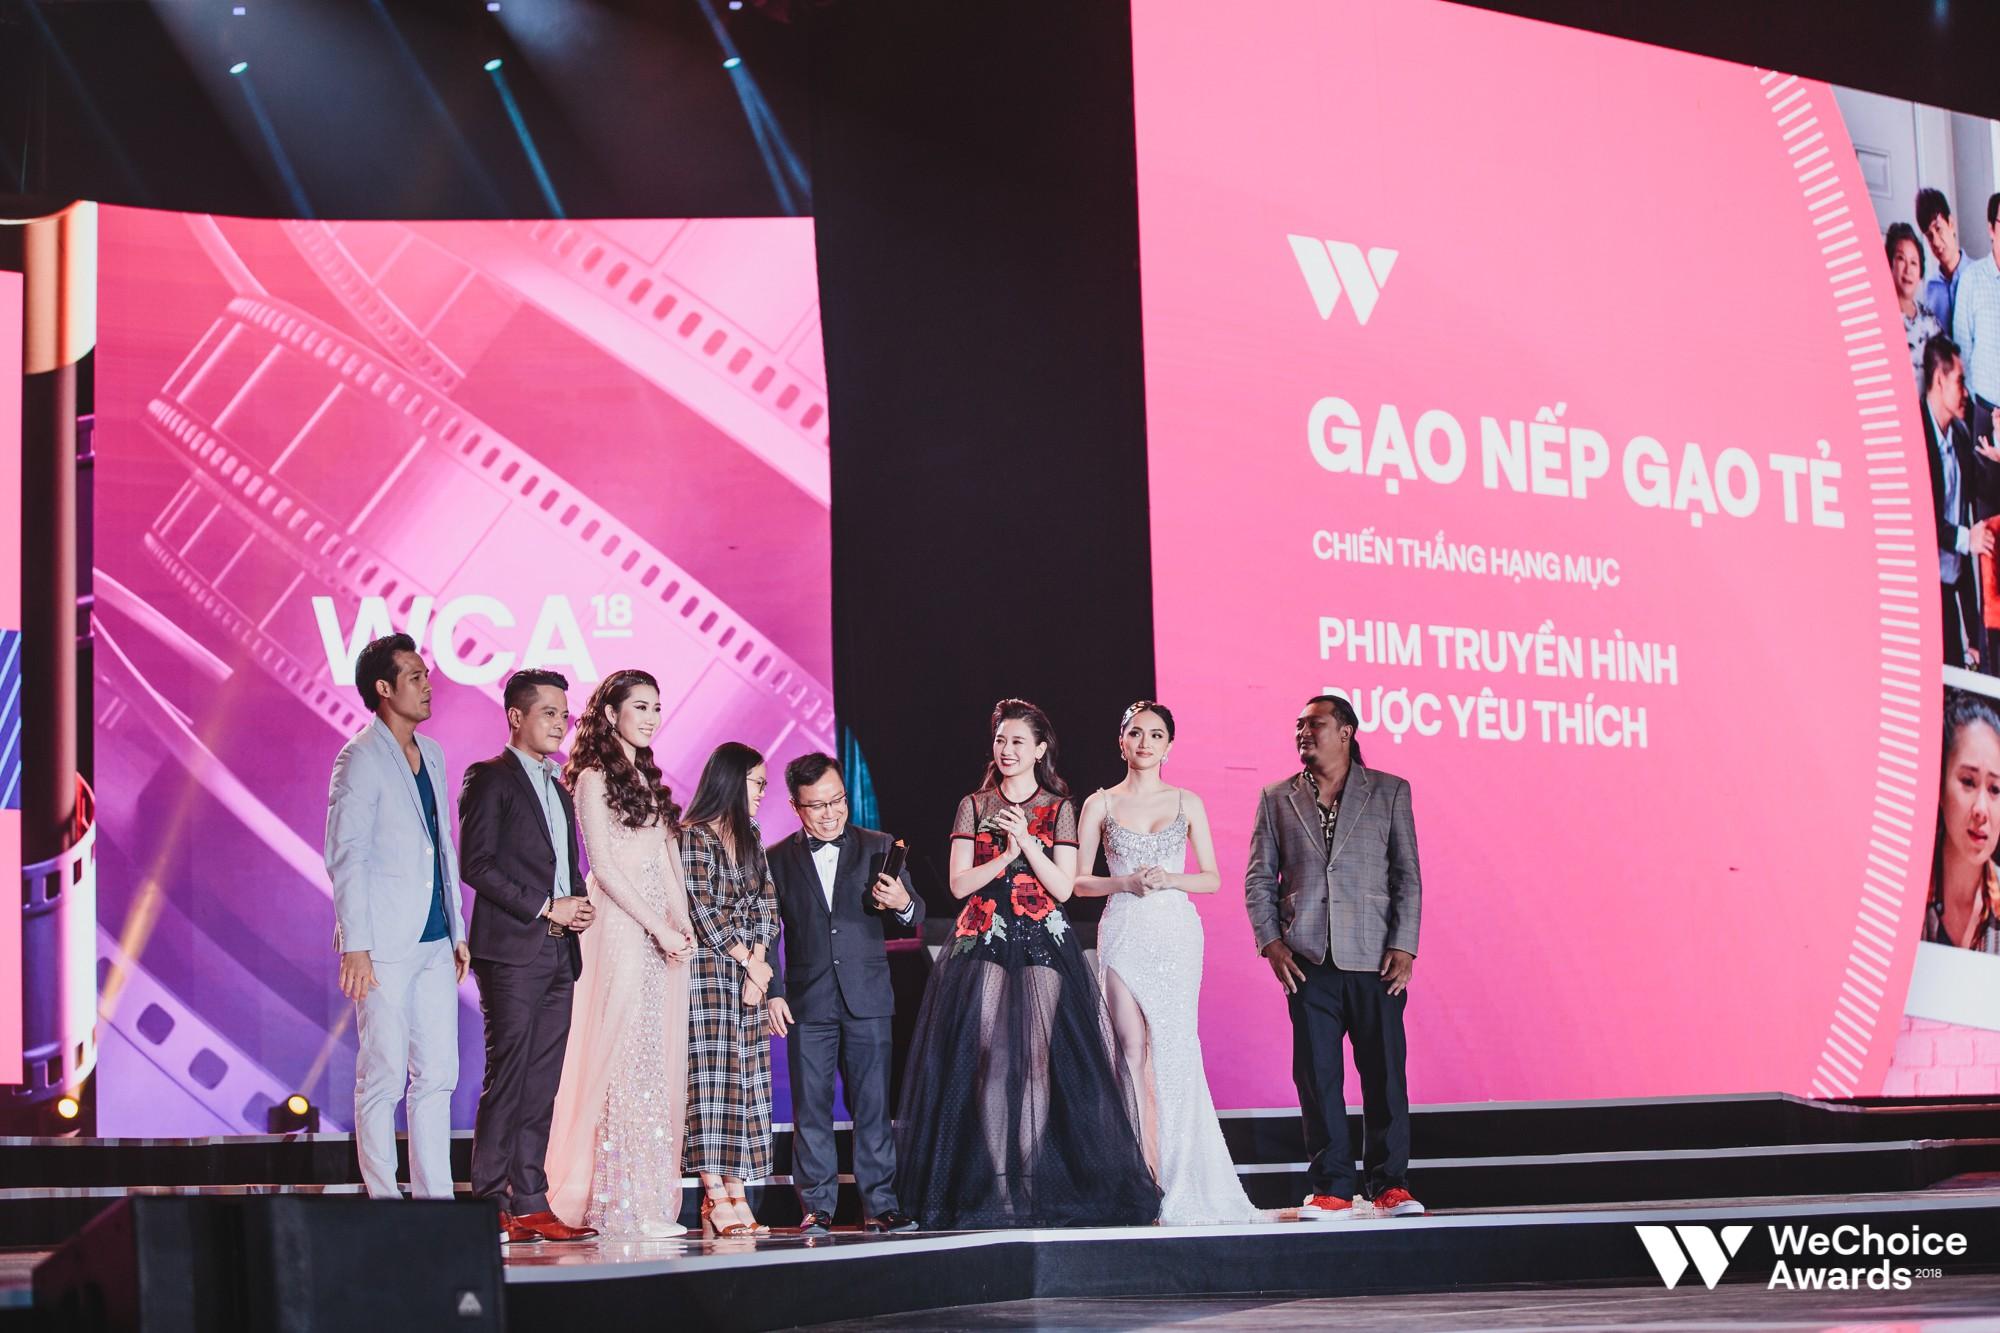 Kết quả chung cuộc WeChoice 2018 hạng mục giải trí: Vũ Cát Tường và loạt nghệ sĩ được gọi tên, Đen gây bất ngờ nhất - Ảnh 8.